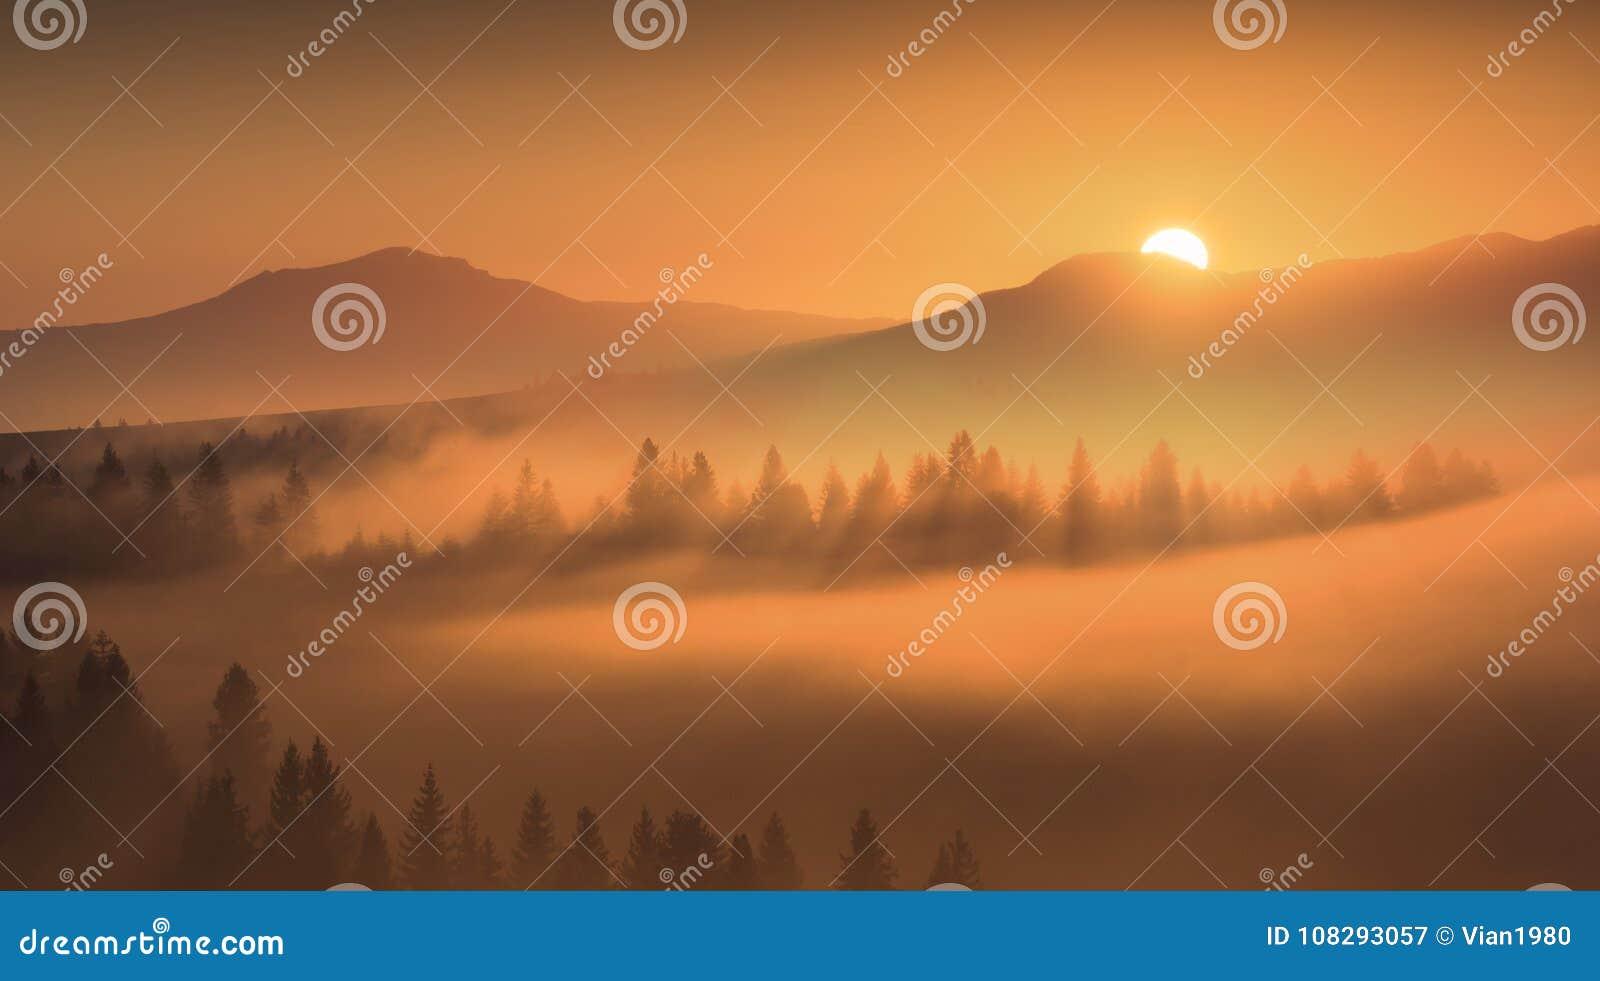 Primeros rayos de oro del sol naciente